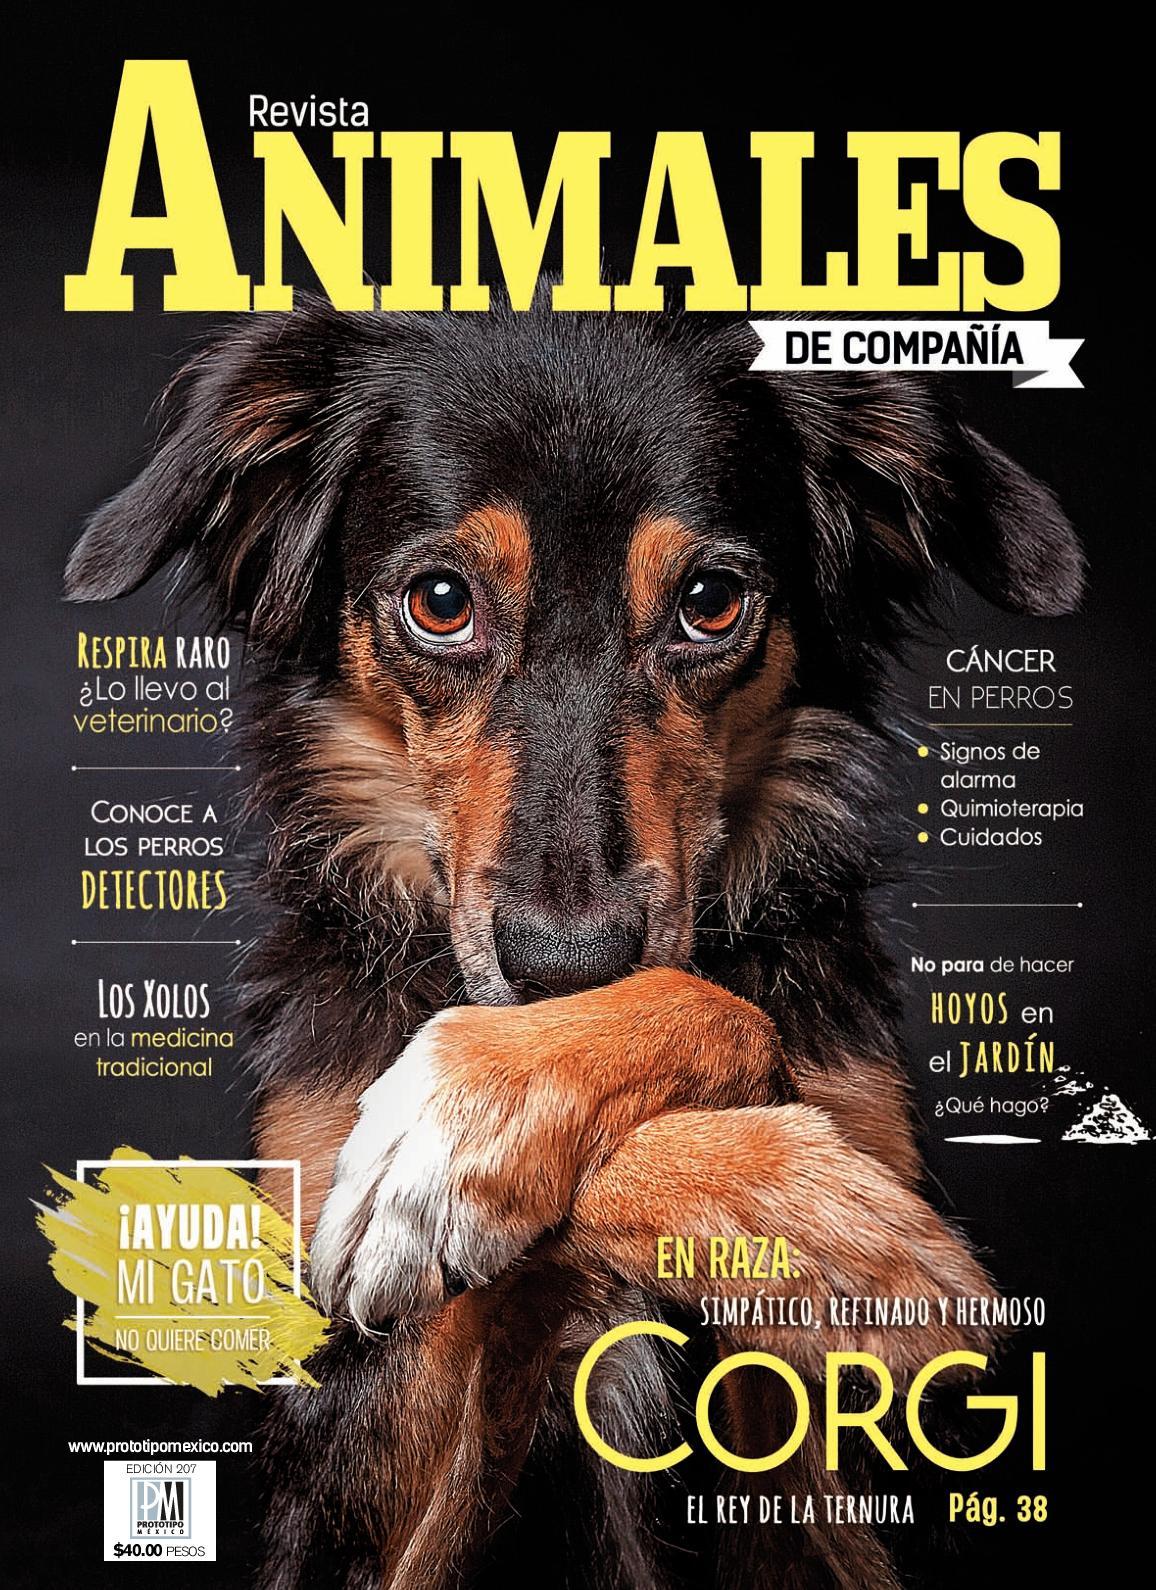 osteosarcoma en perros caso clínico de diabetes